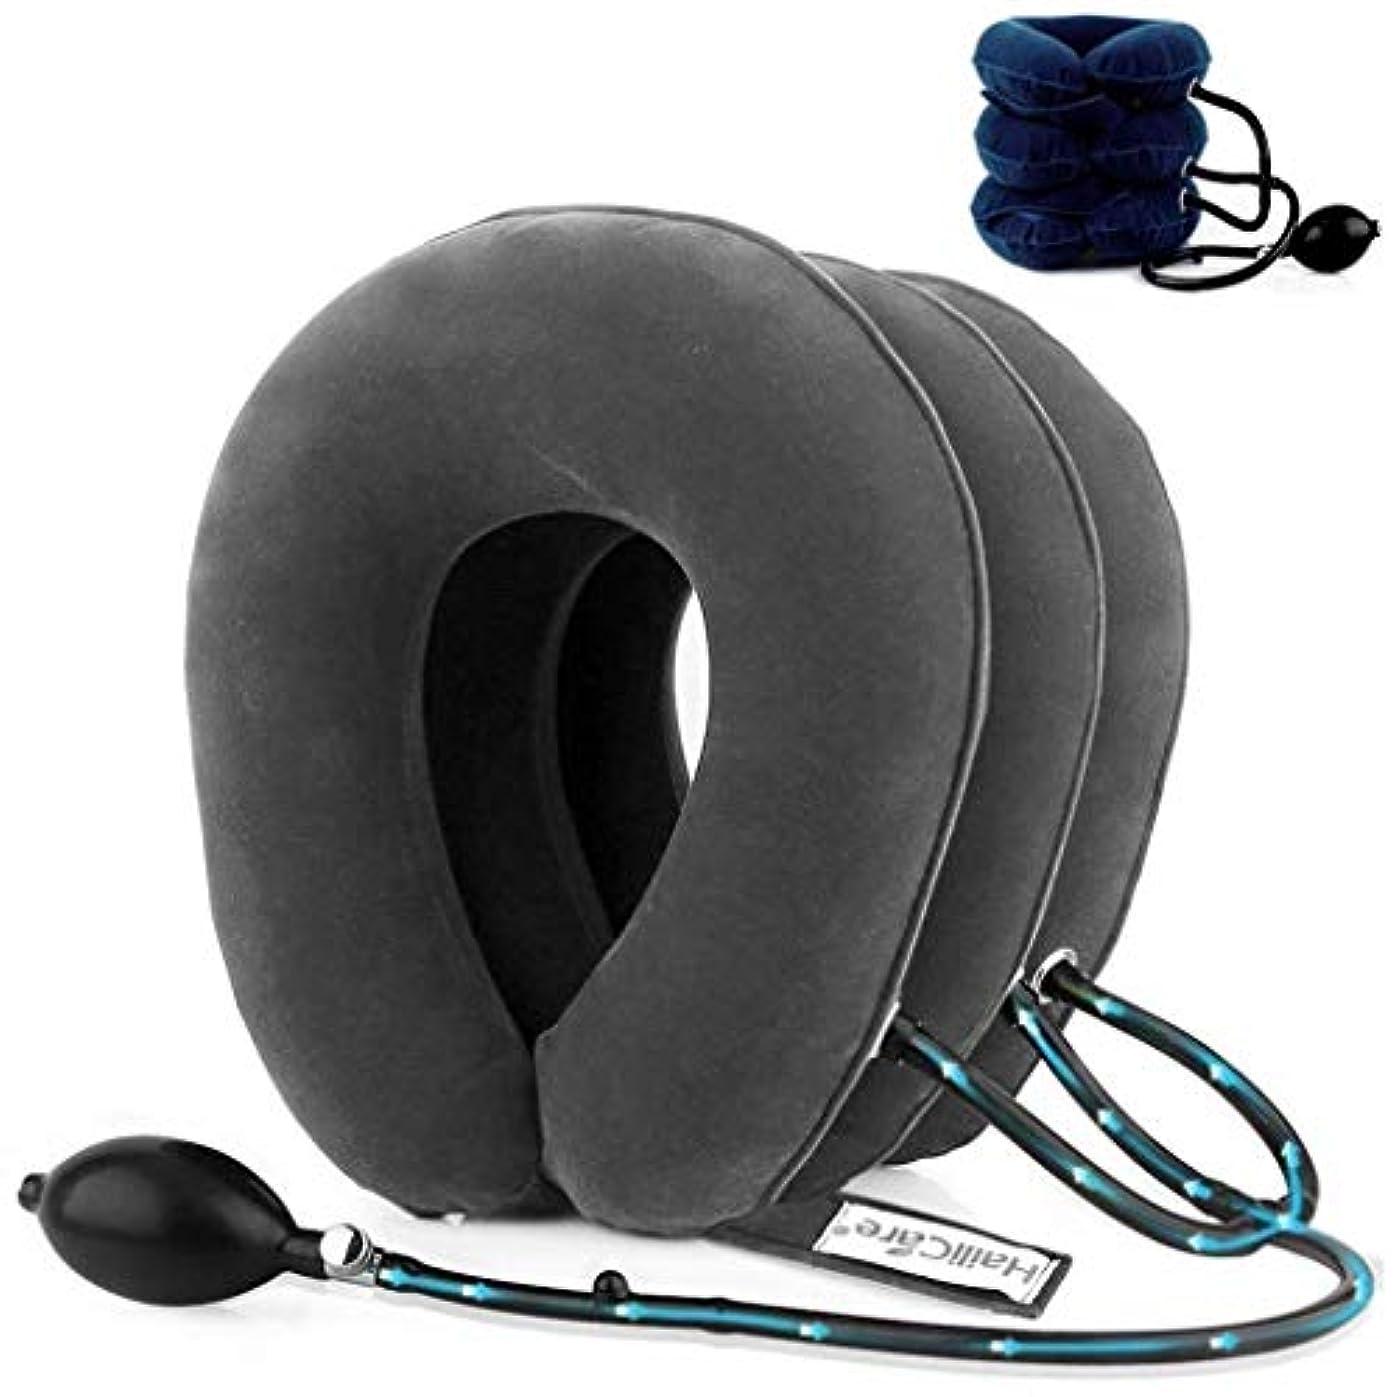 筋肉の脚本大型トラック首のマッサージャー、膨脹可能なマッサージの首の枕、頚部牽引装置、背部/肩の首のマッサージャー、ヘルスケア、苦痛救助/圧力 (Color : Gray)